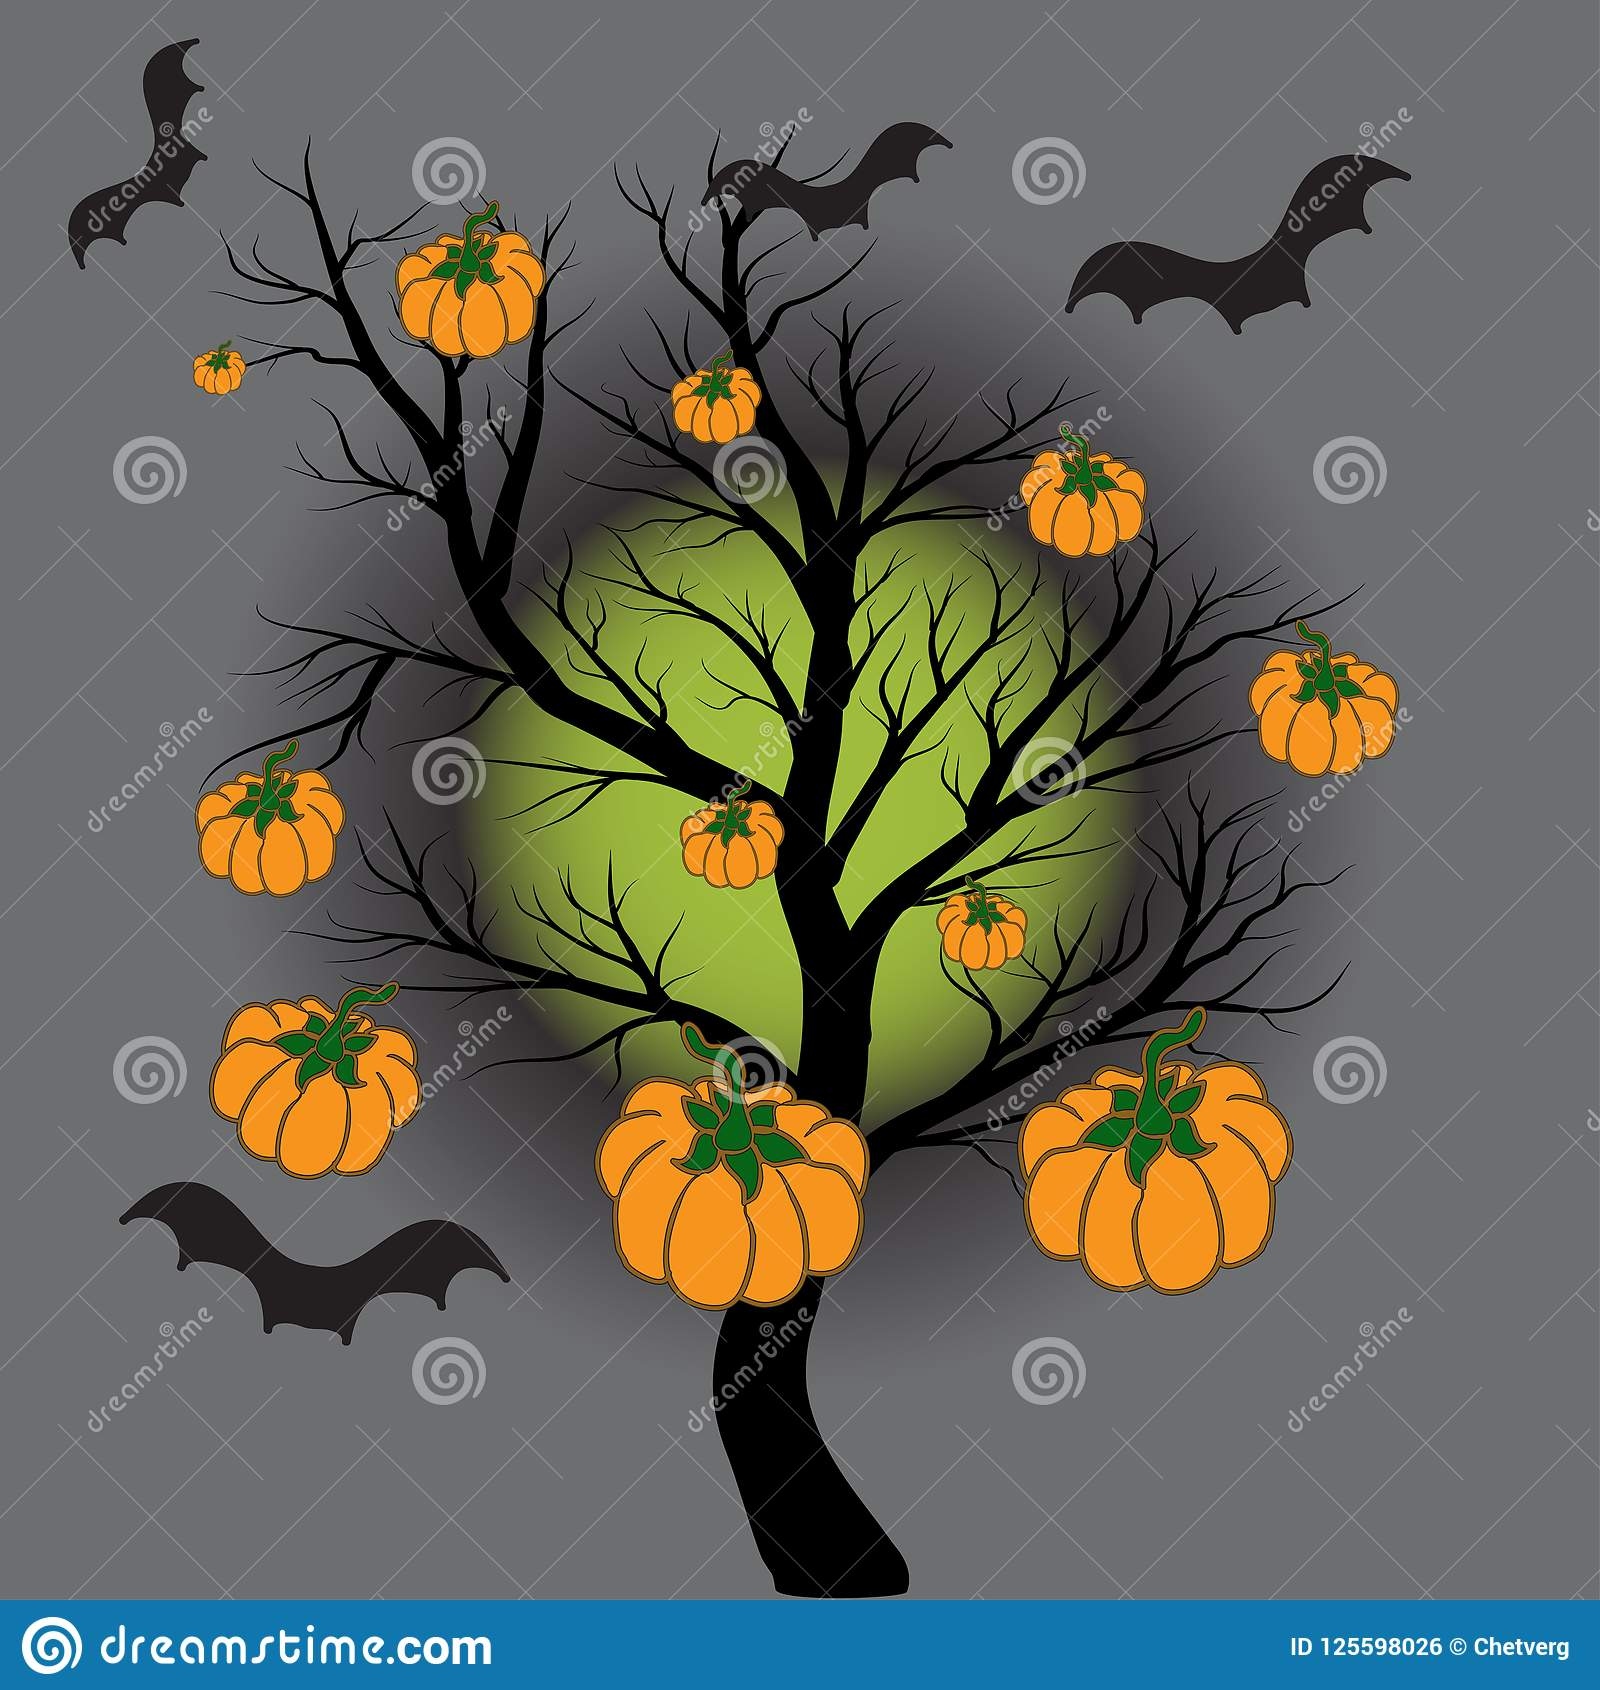 На фоне полнолуния, дерево без листьев На дереве тыквы